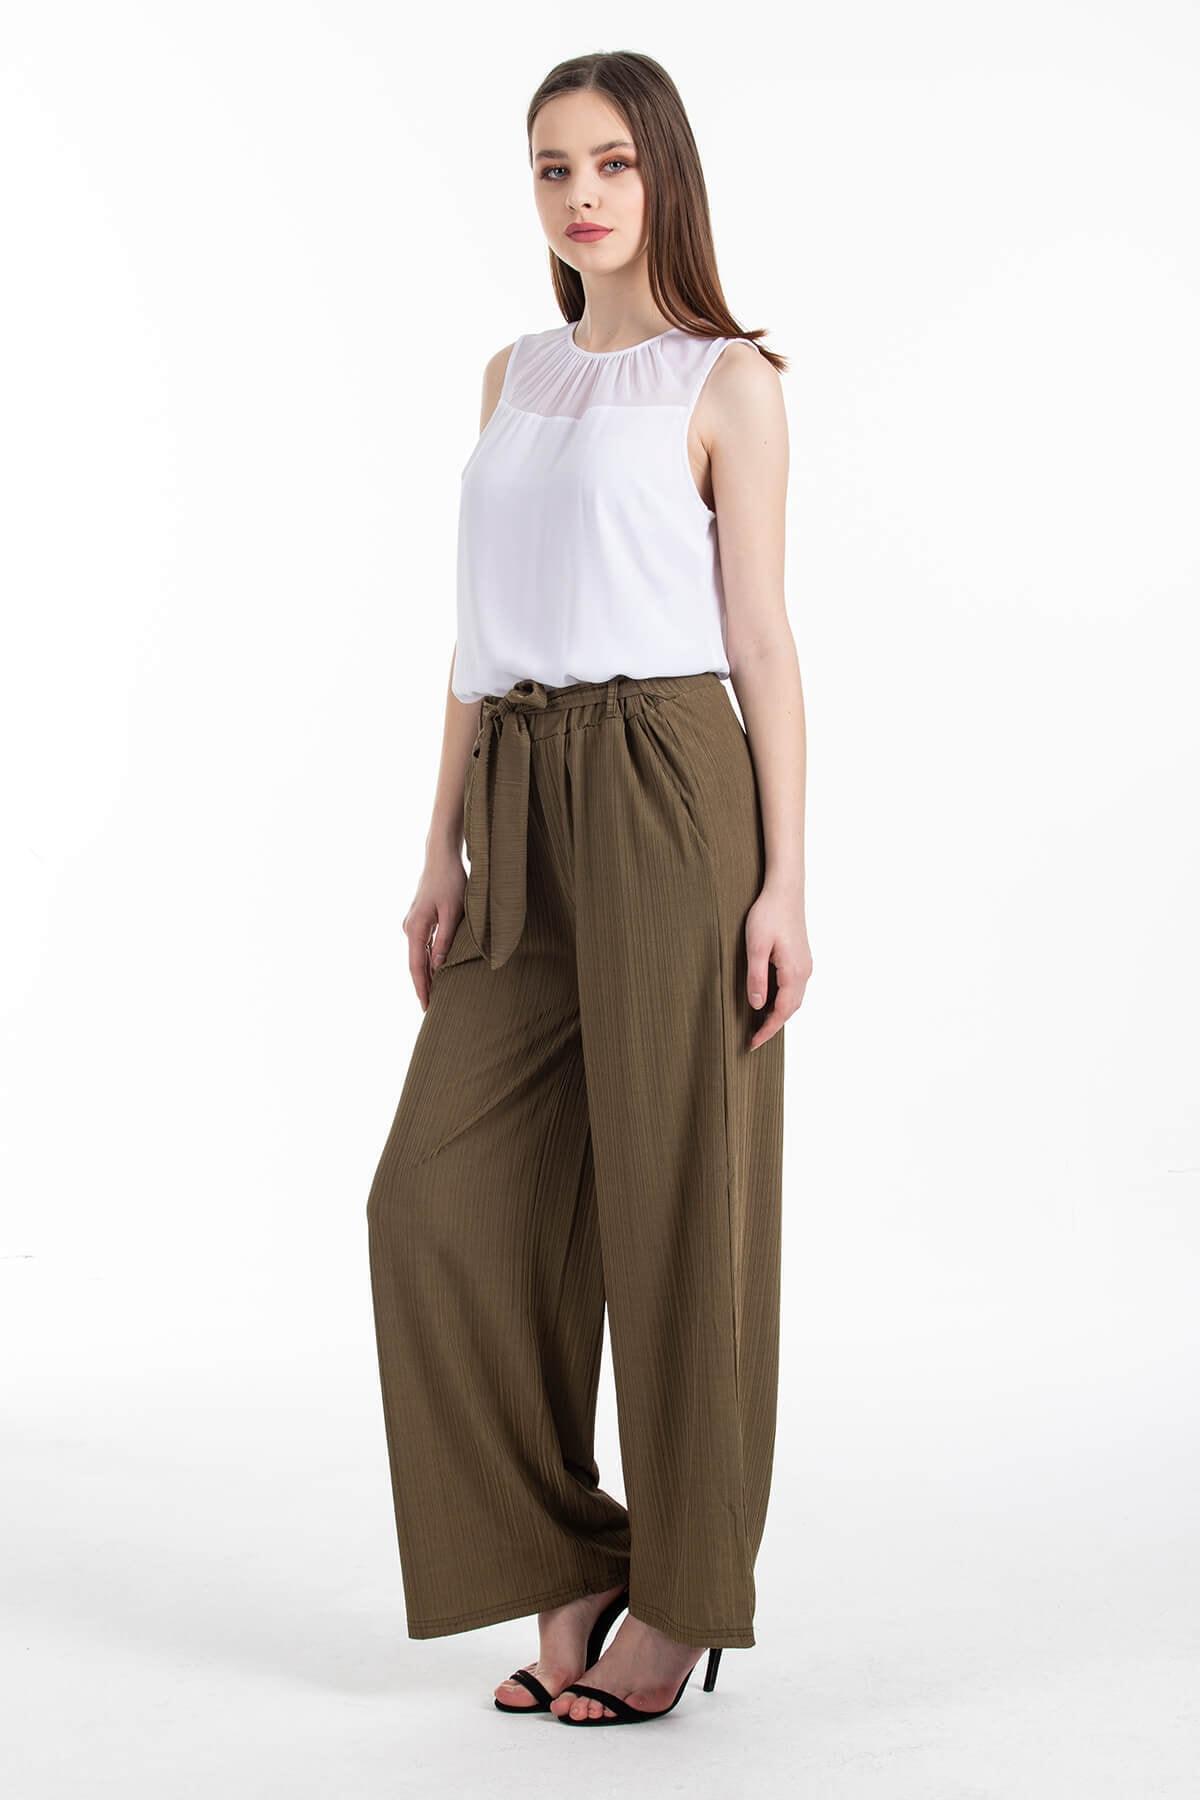 Mossta Kadın Haki Likralı Kaşkorse Salaş Pantolon 1